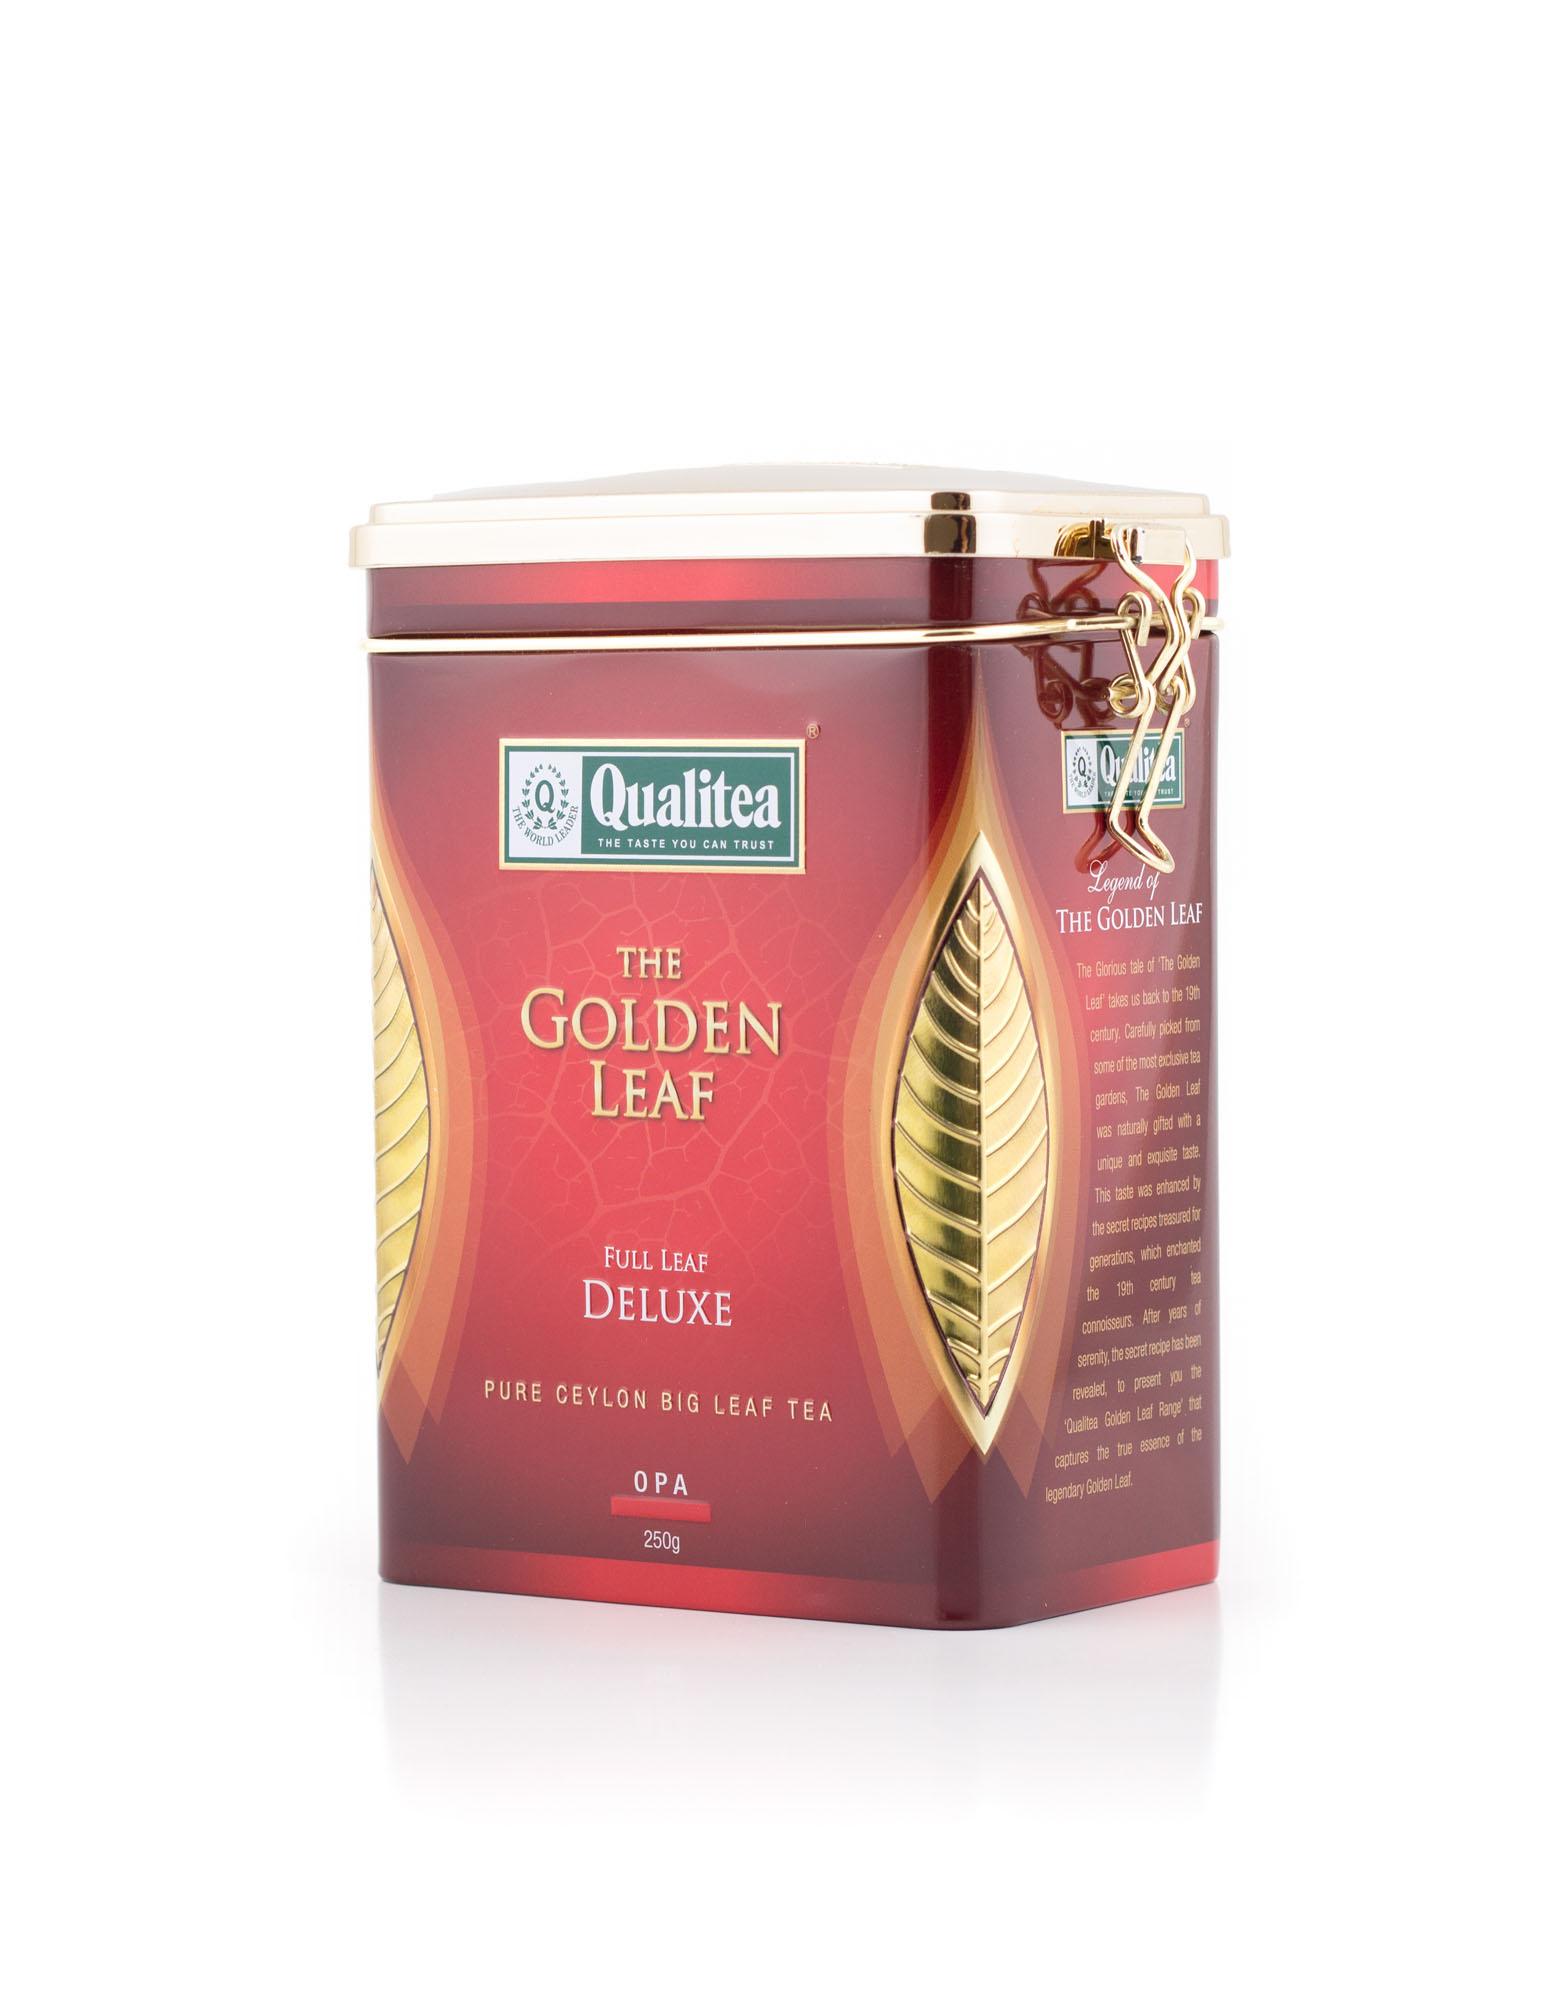 شاي كواليتي الورقة الذهبية 250 جرام ديلوكس